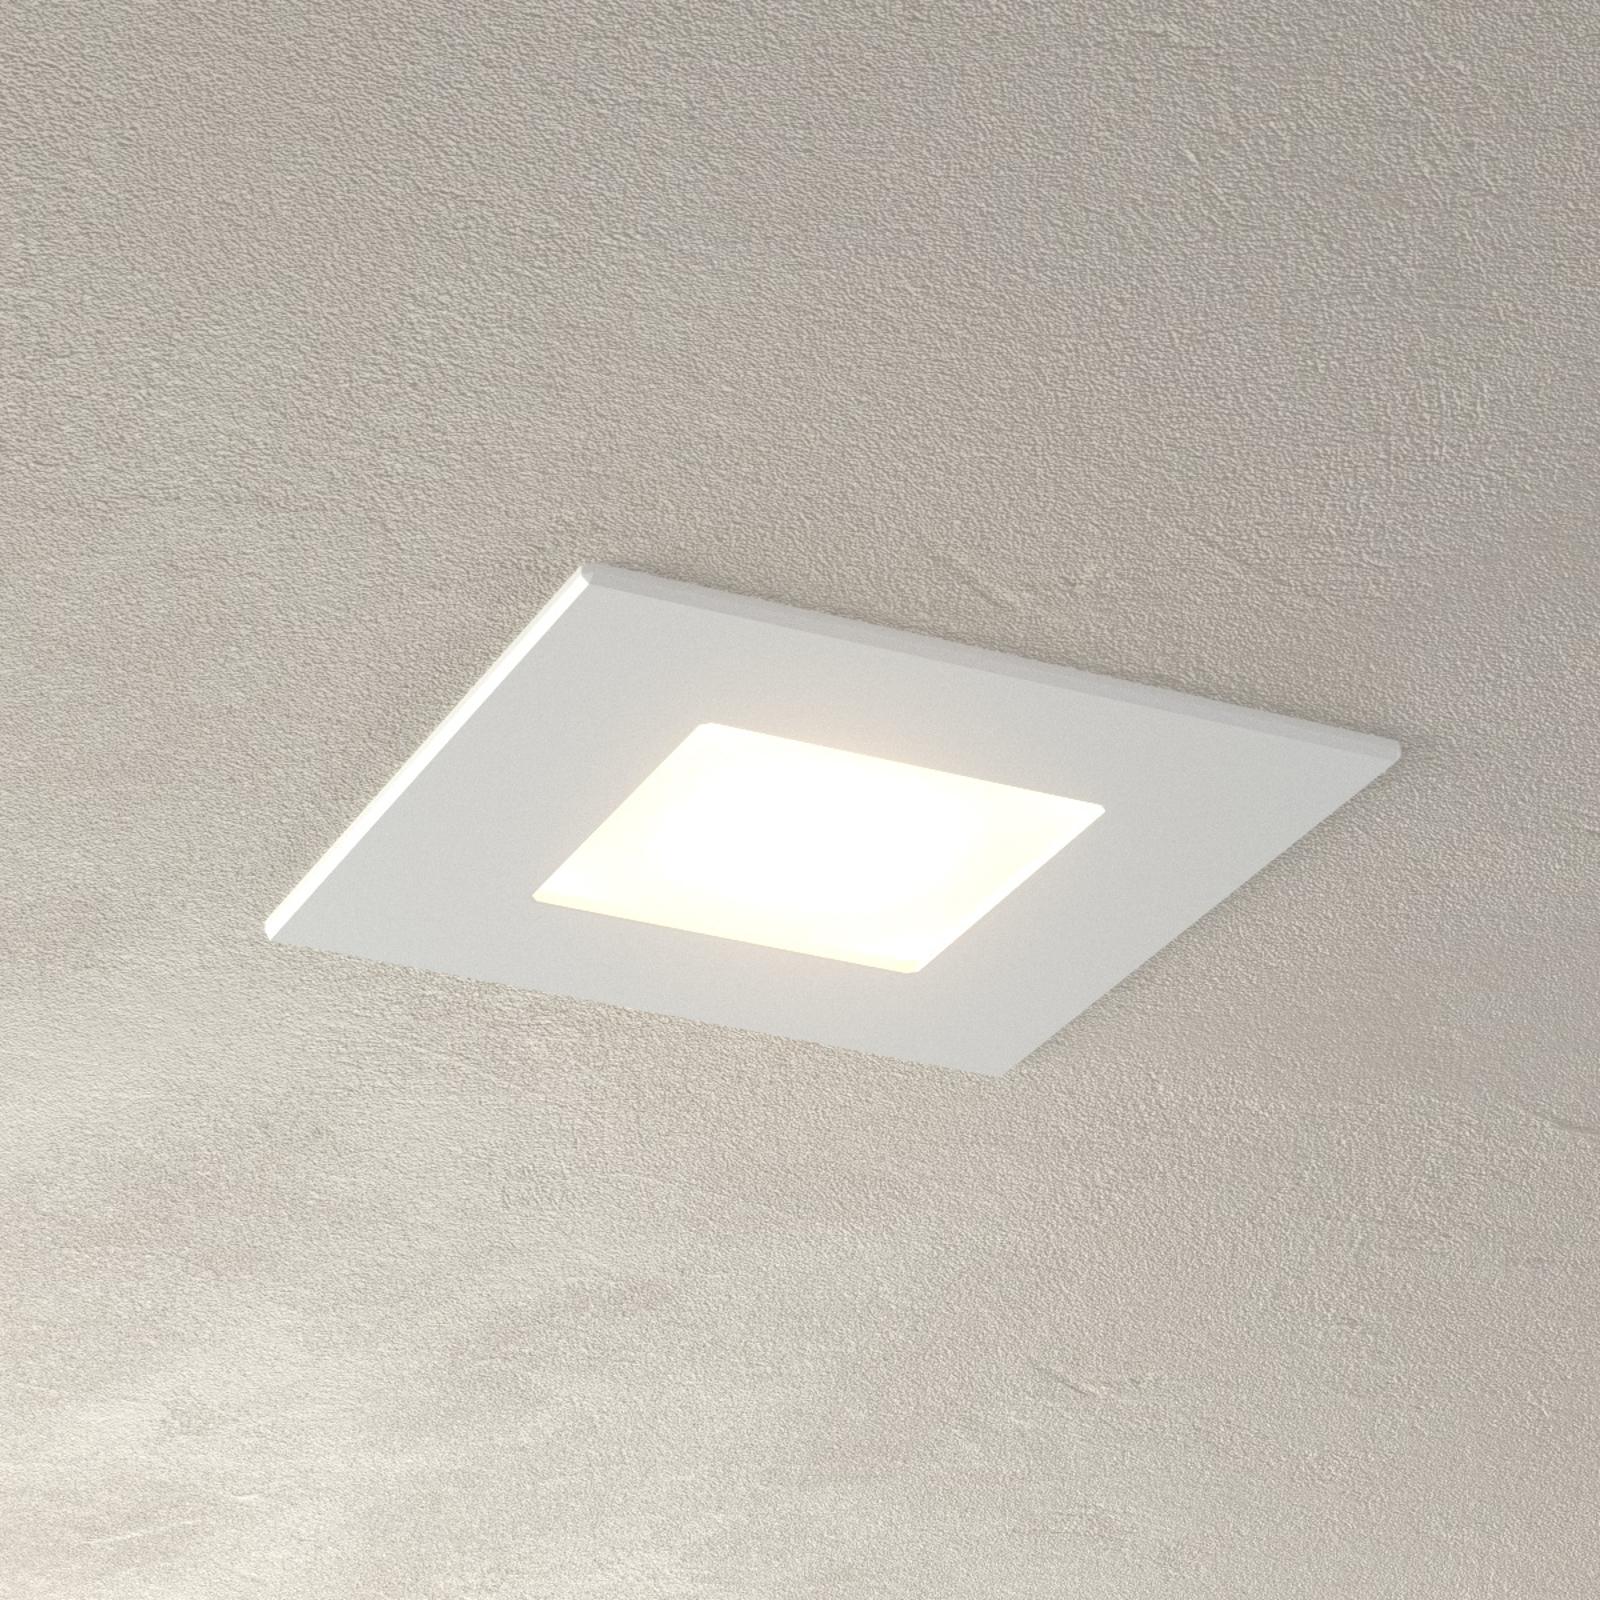 Weiße LED Einbauleuchte Klaus für Einbaudosen